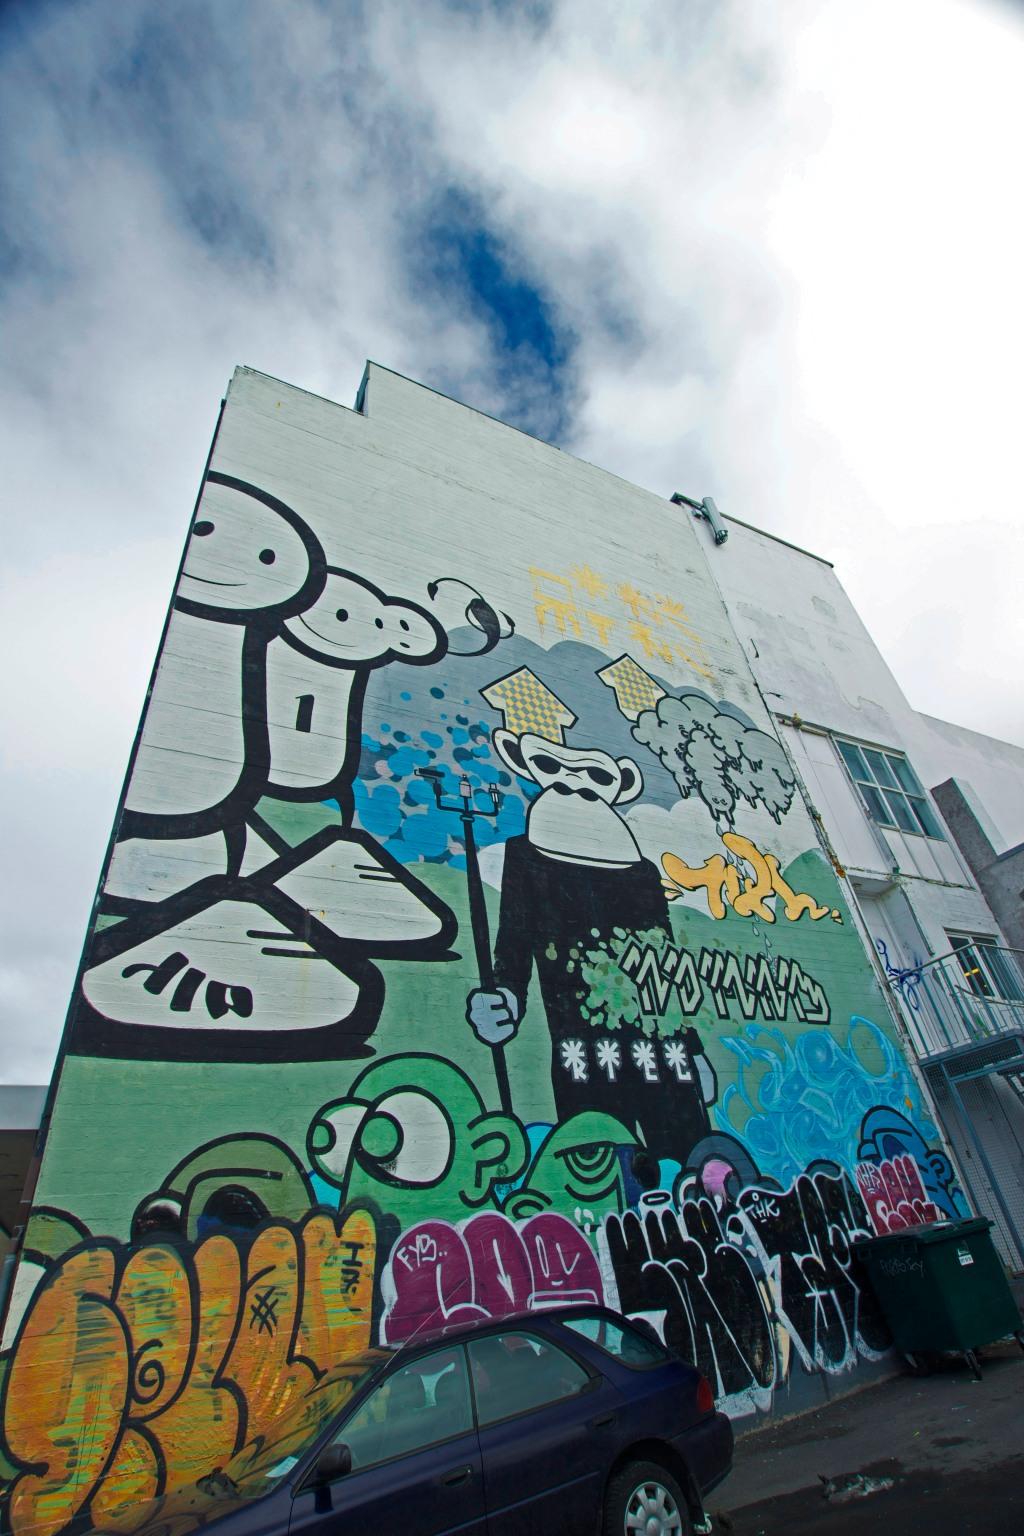 Graffiti in Reykjavik